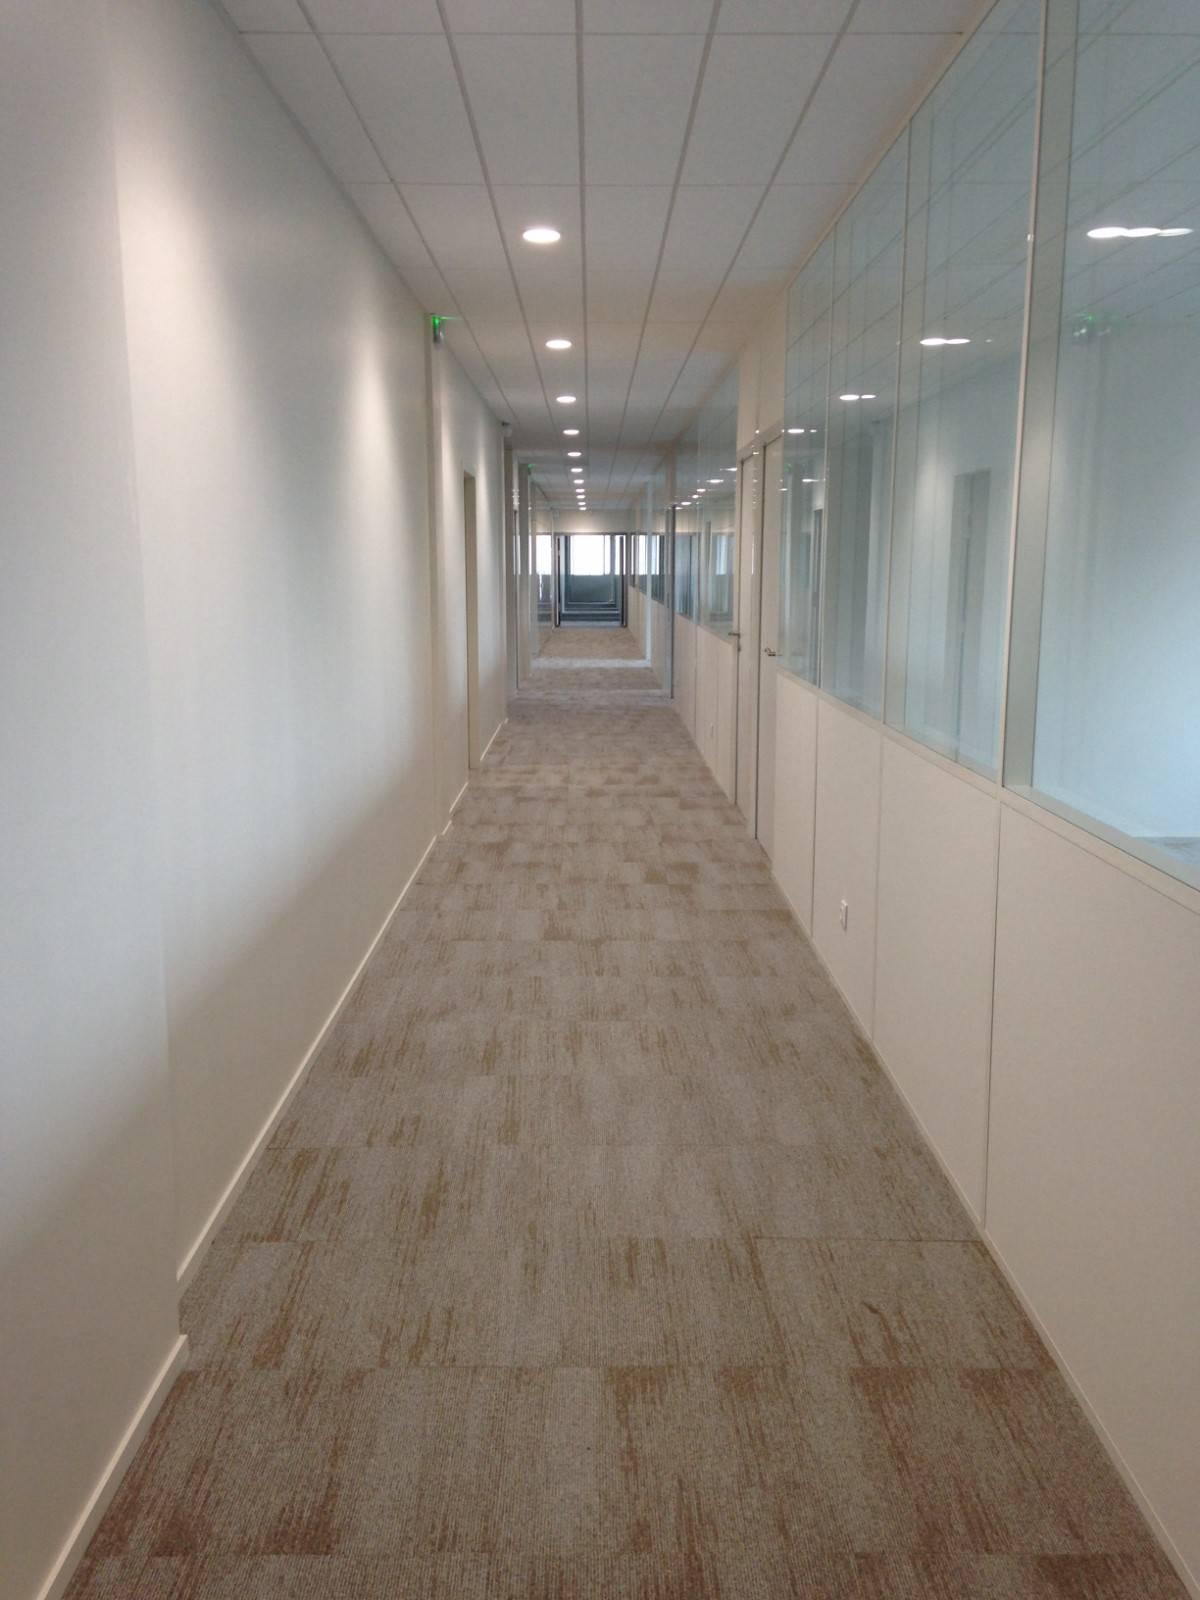 pose de sols imitation bois clair dans des bureaux à Marseille